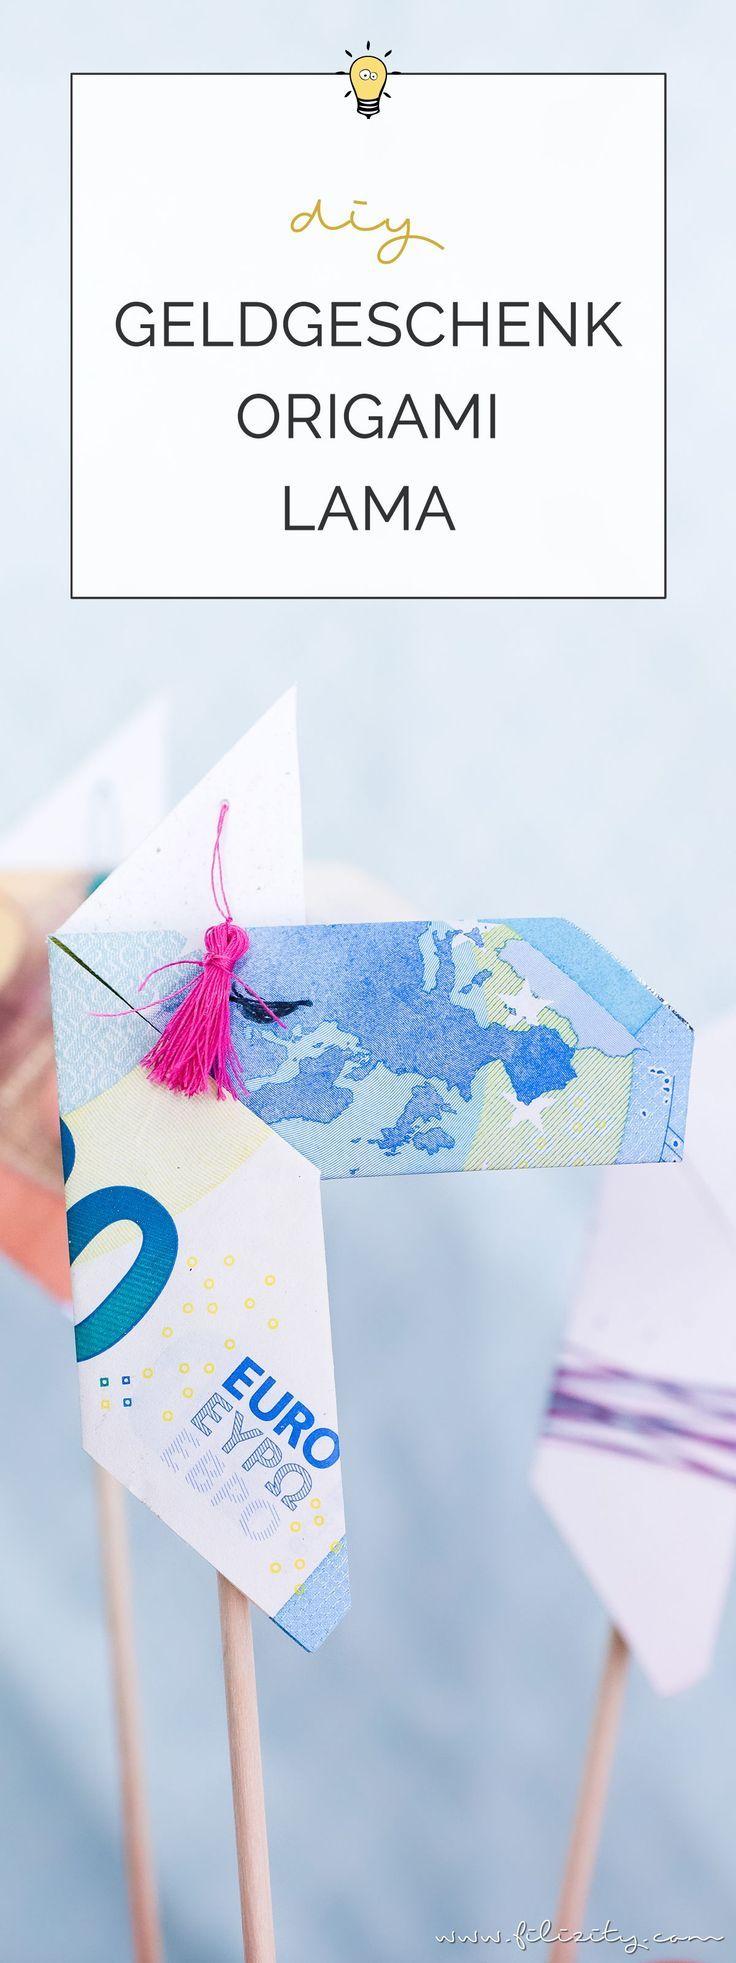 Kreative Geldgeschenke: Origami Lamas aus Geldscheinen falten